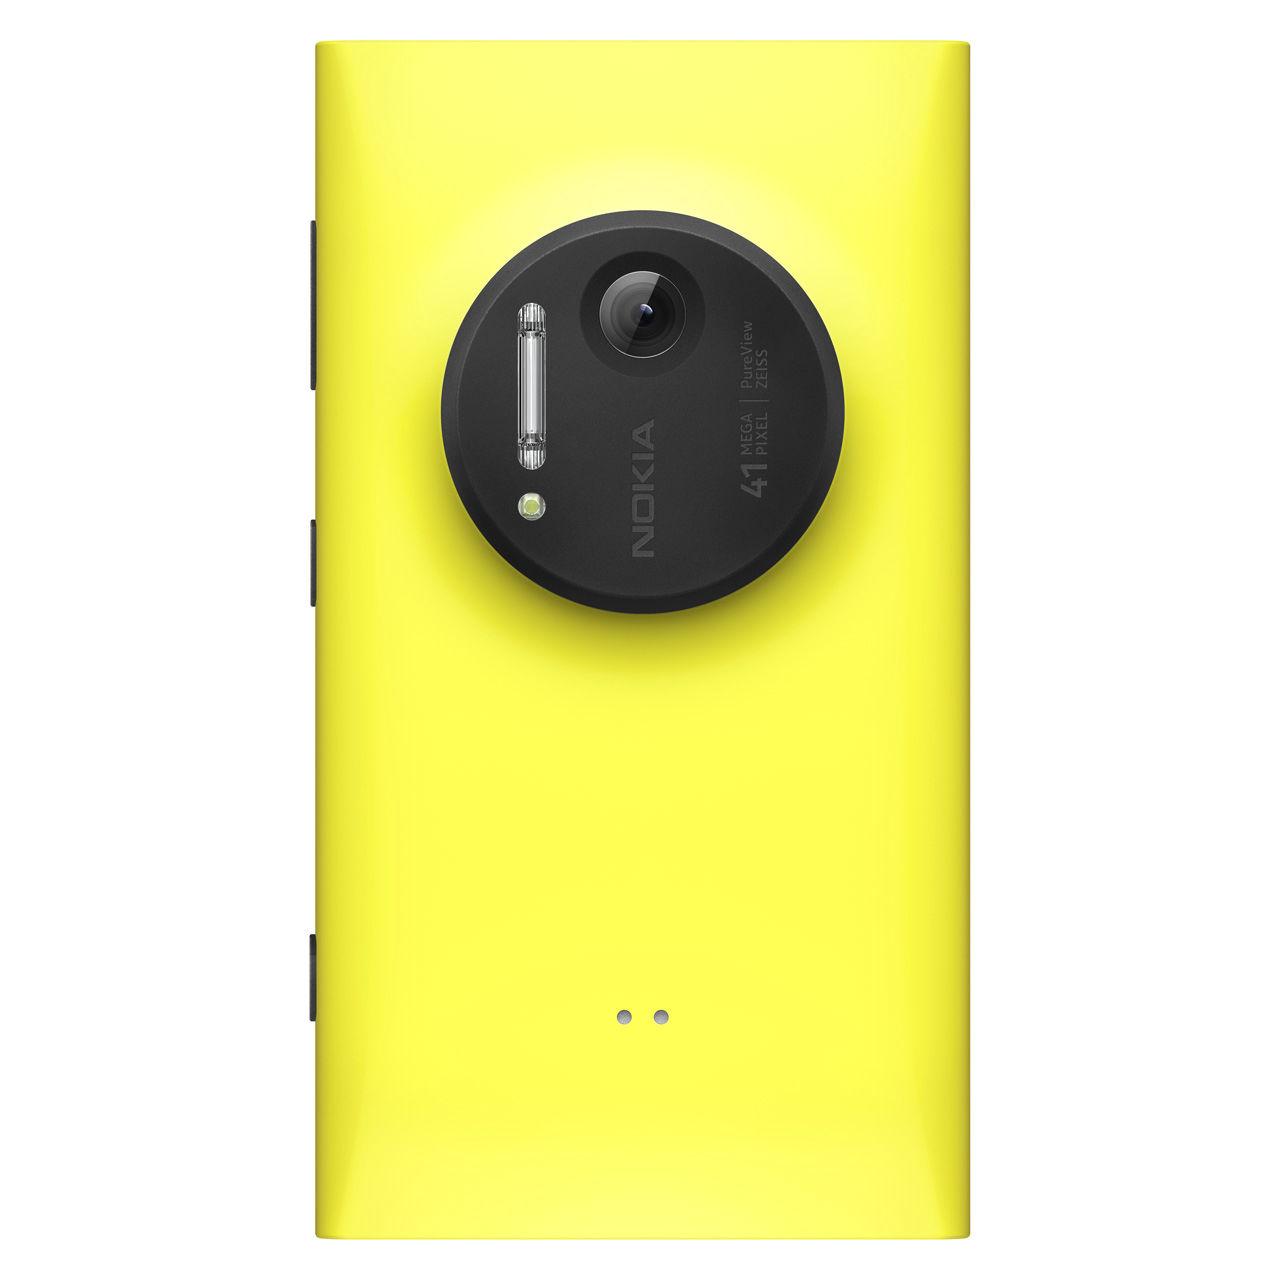 Nokia-Lumia-1020-7